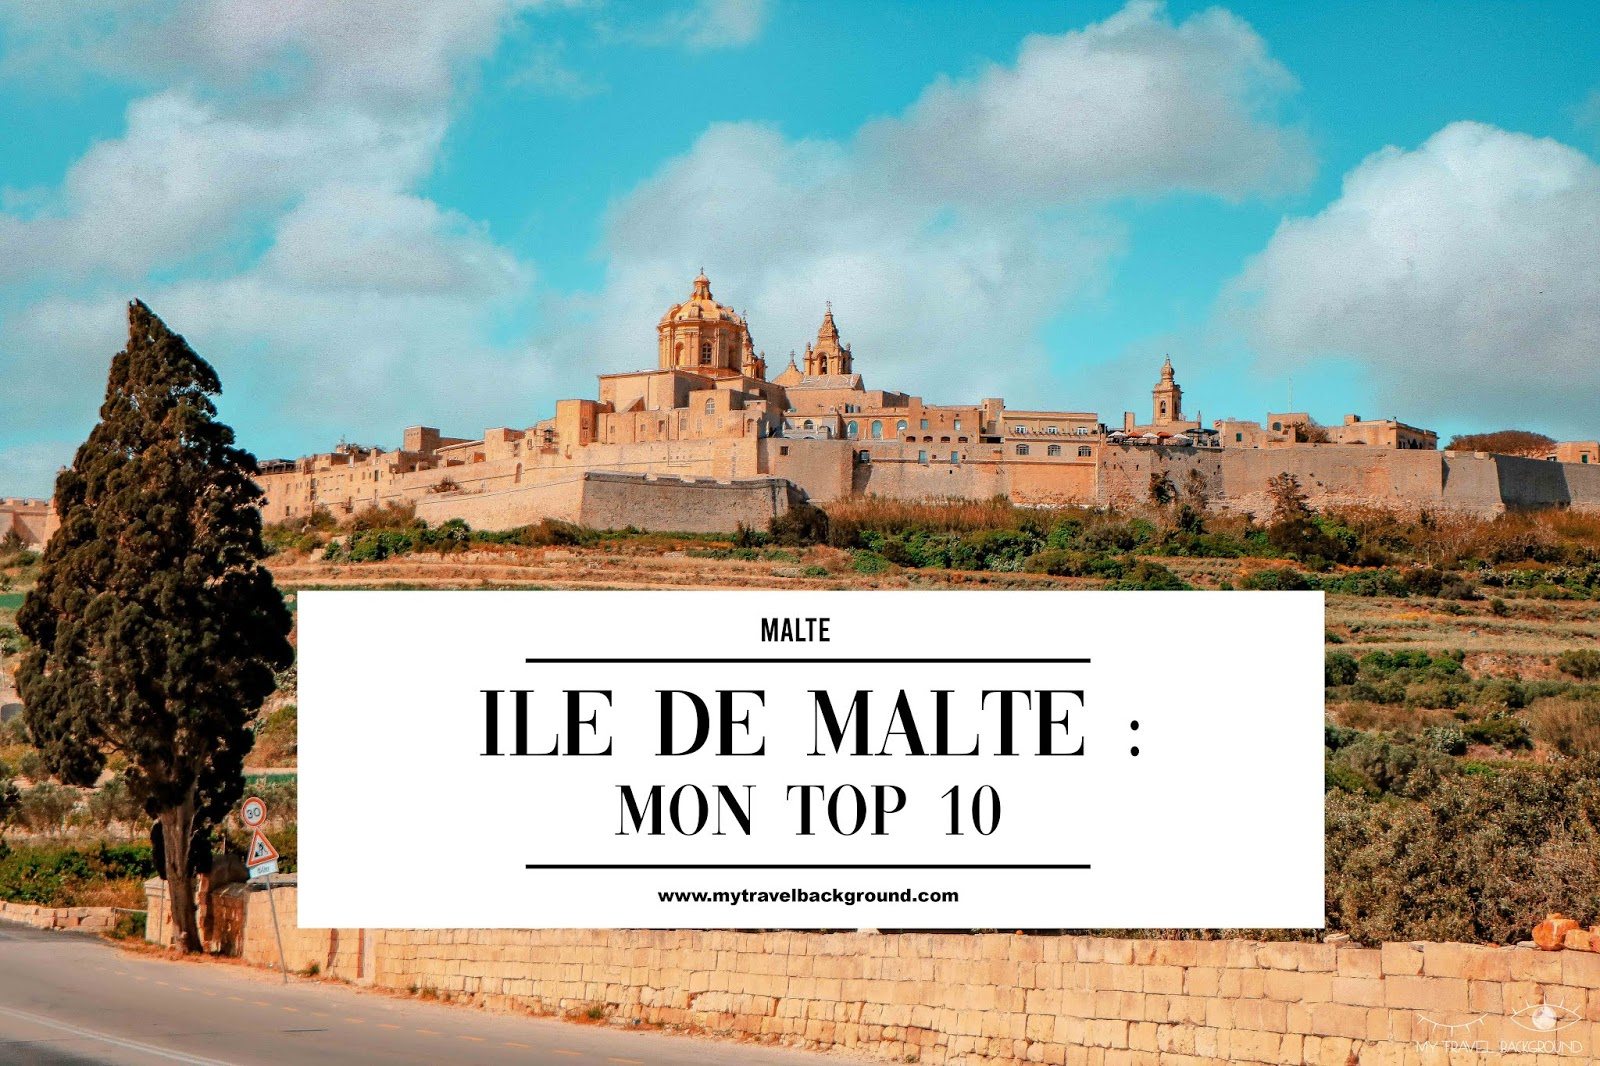 Les INCONTOURNABLES de Malte (partie 1) : L'ÎLE DE MALTE